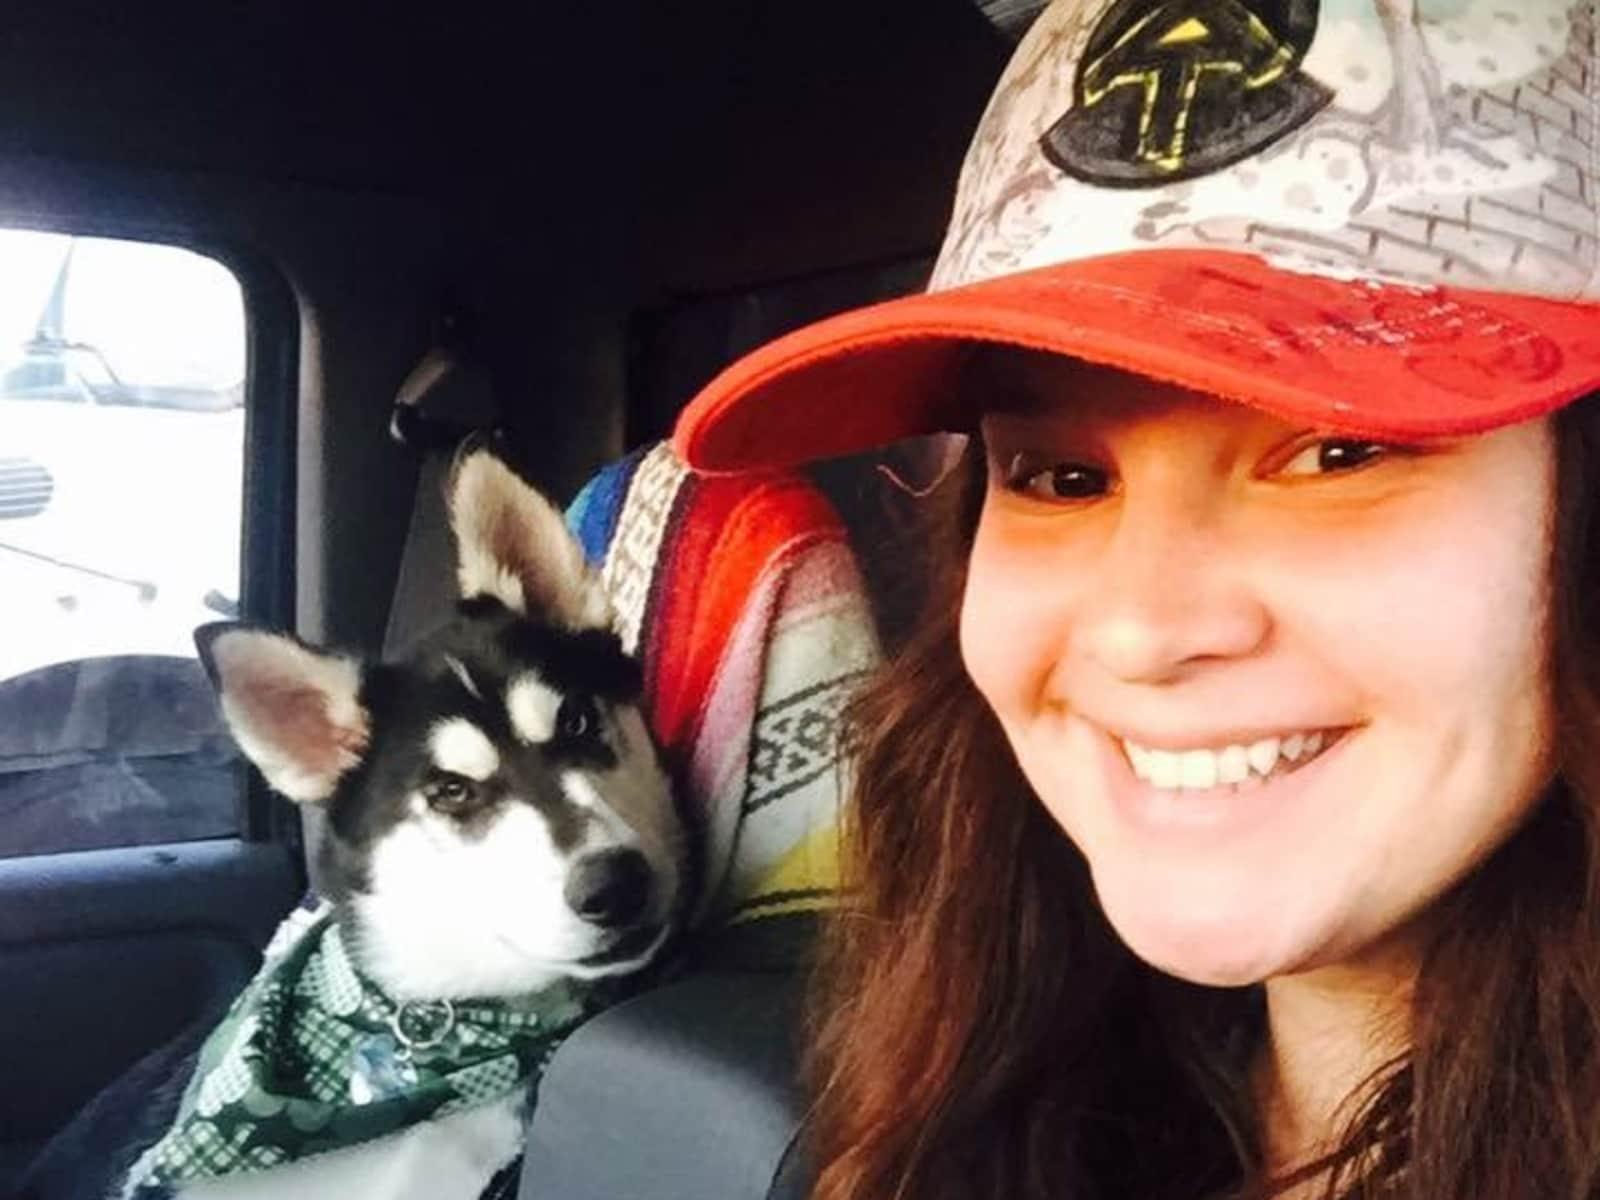 Yuliya from Austin, Texas, United States